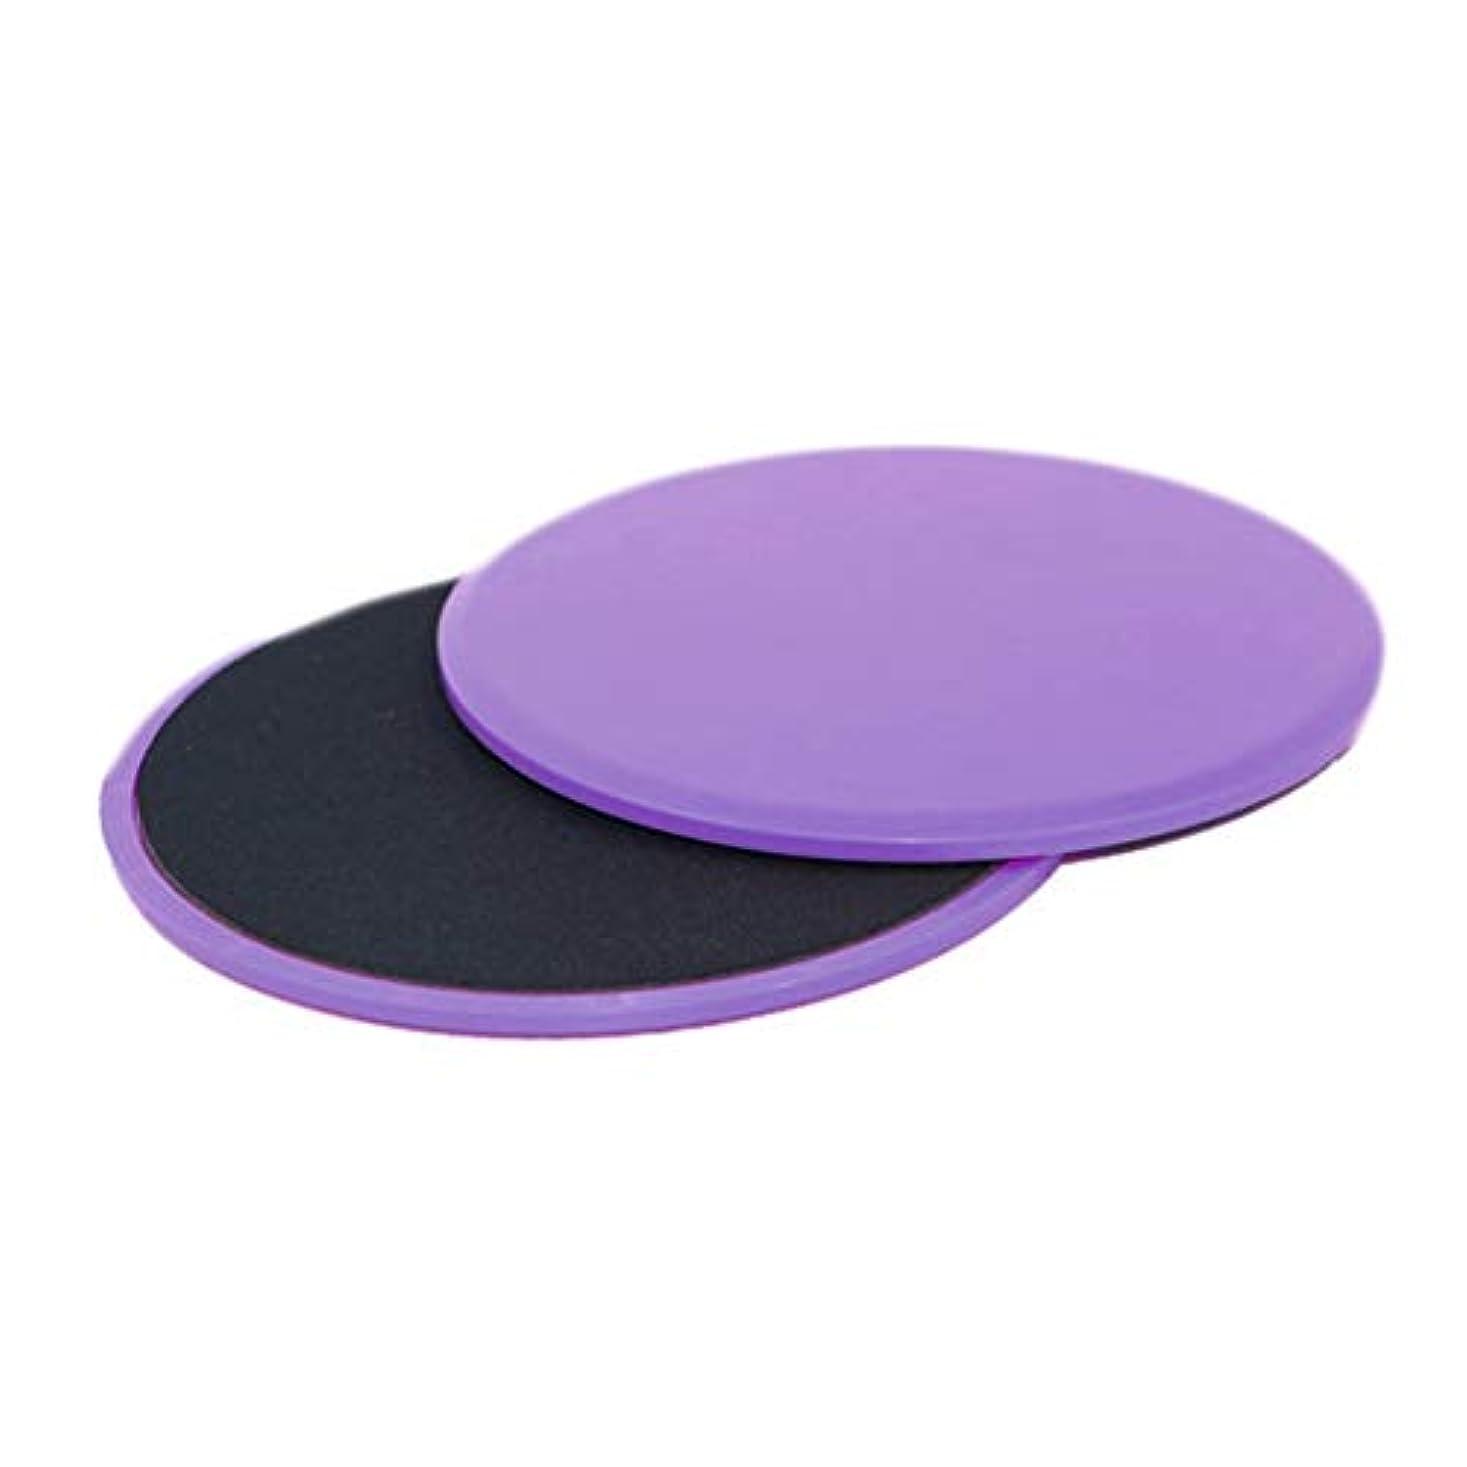 プレゼント空虚ドライバフィットネススライドグライディングディスク調整能力フィットネスエクササイズスライダーコアトレーニング腹部と全身トレーニング - パープル